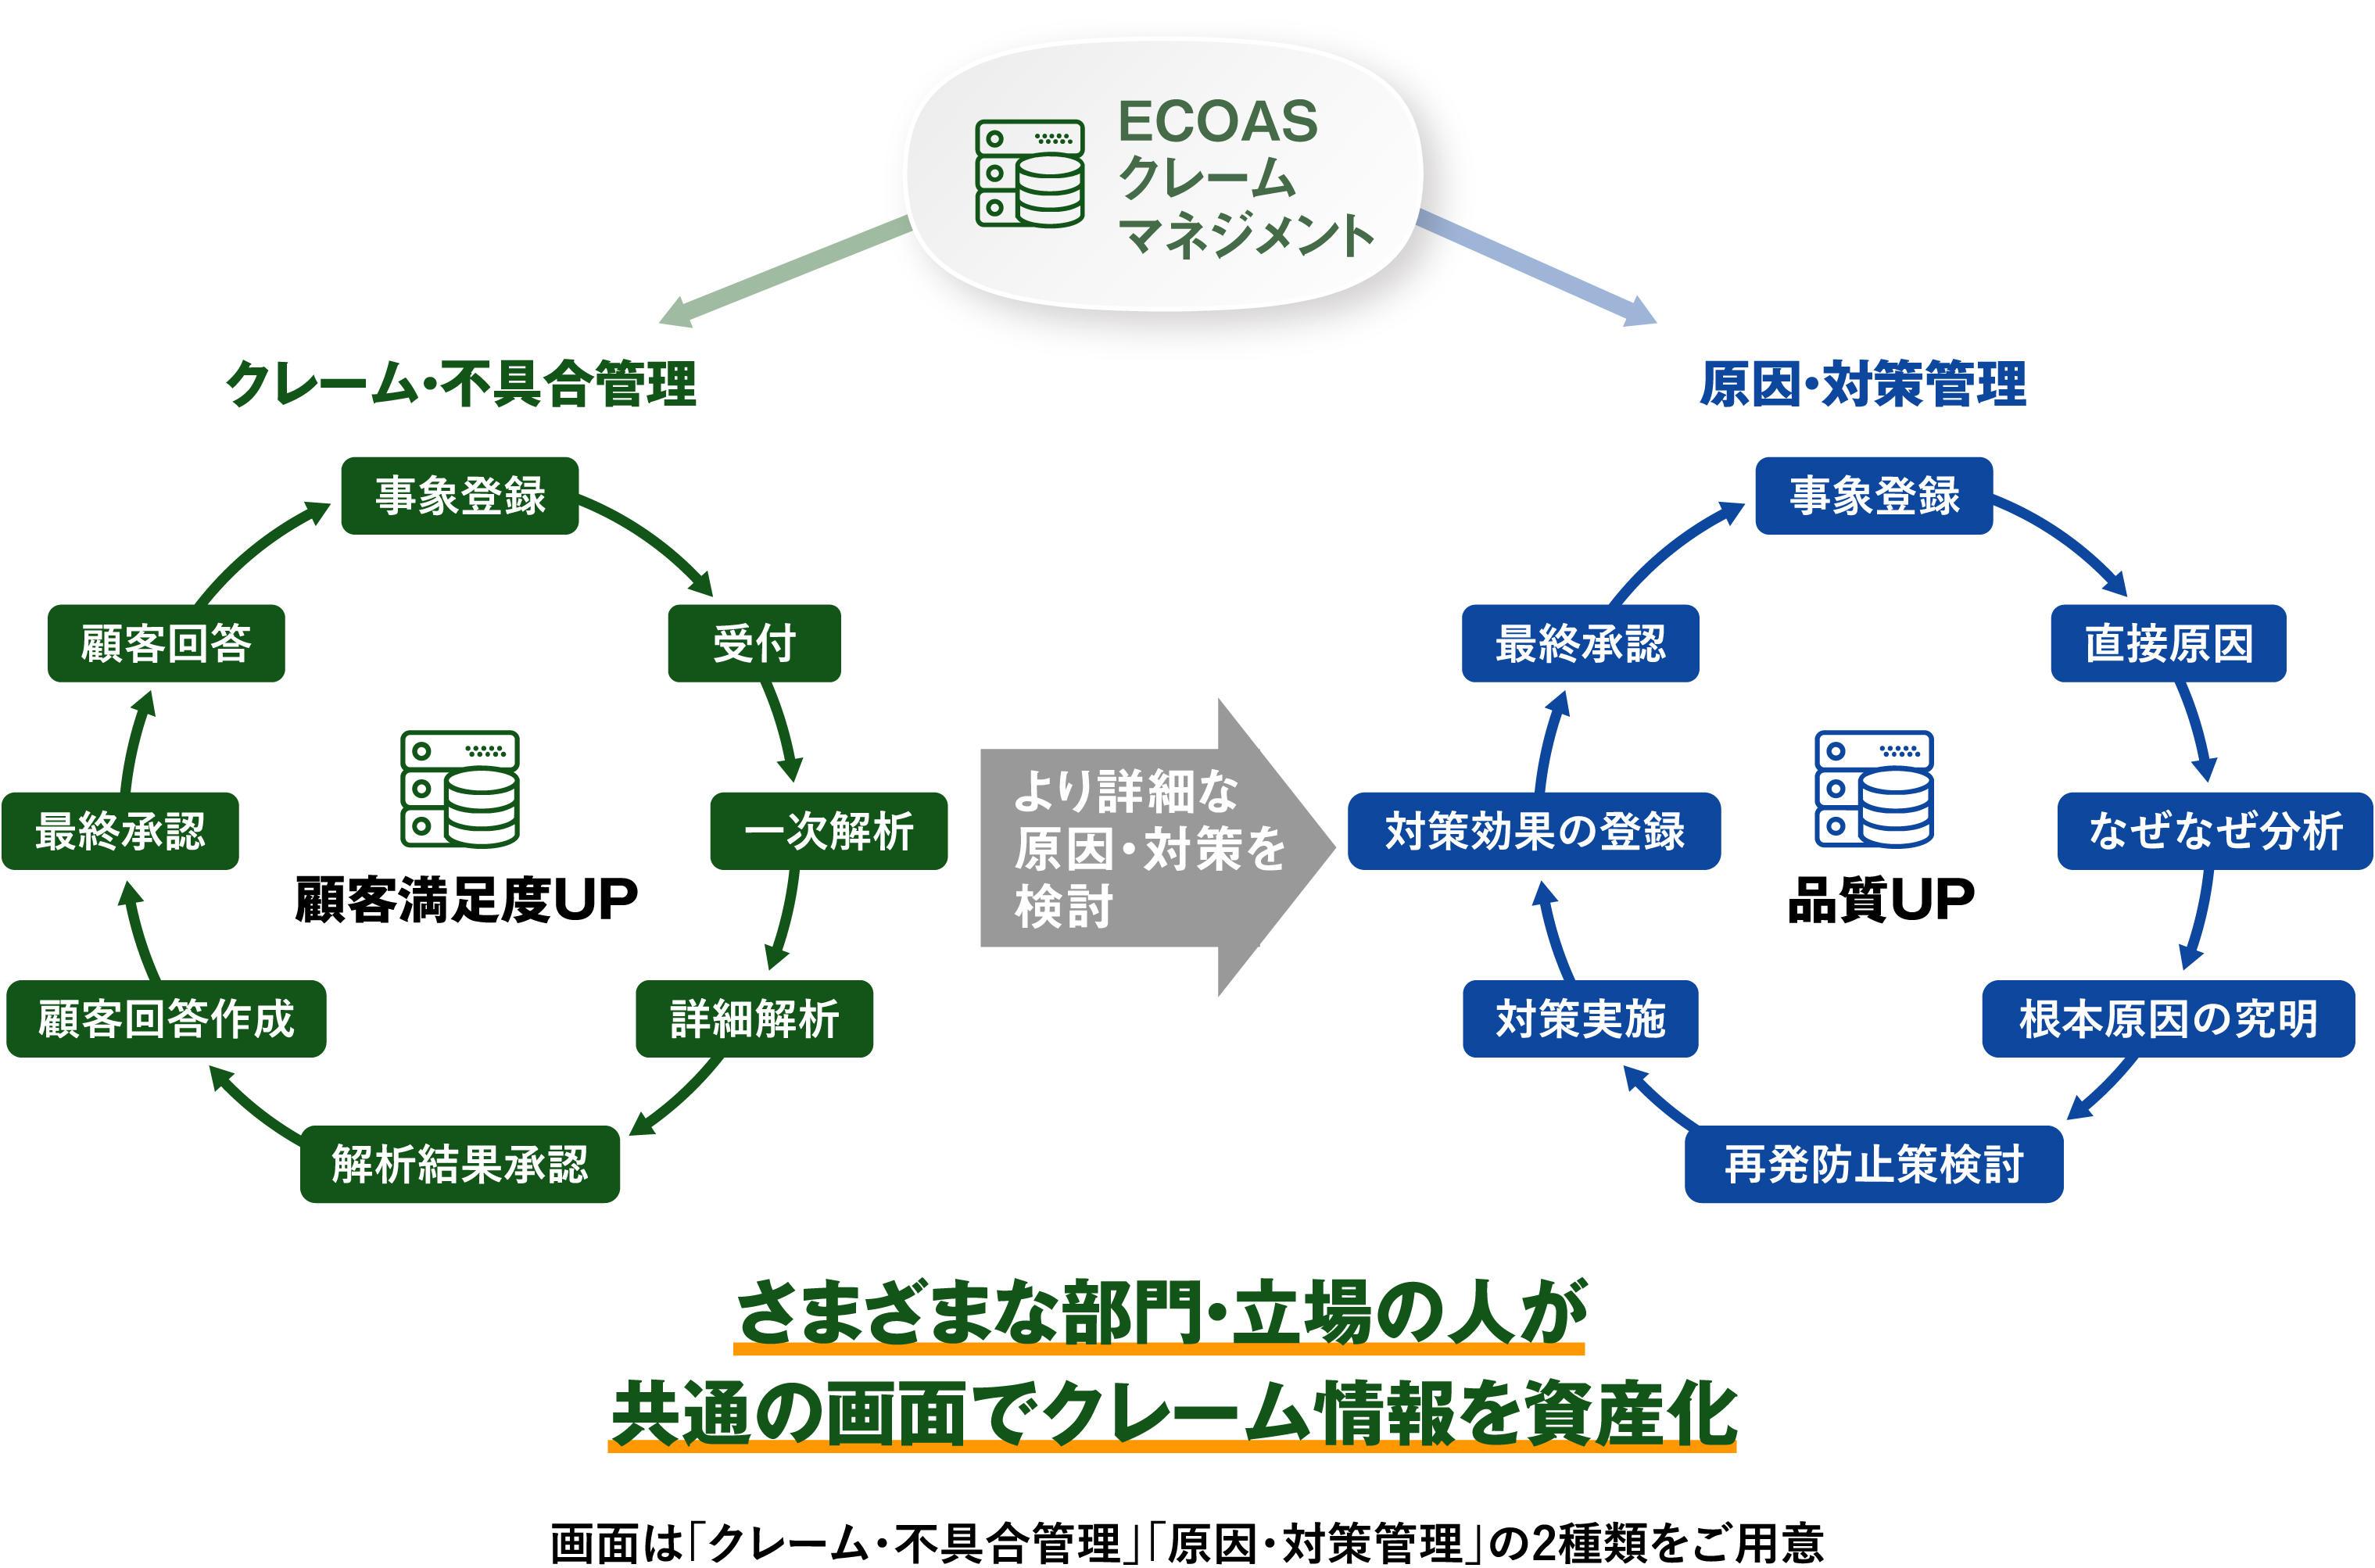 210407_ECOAS.jpg